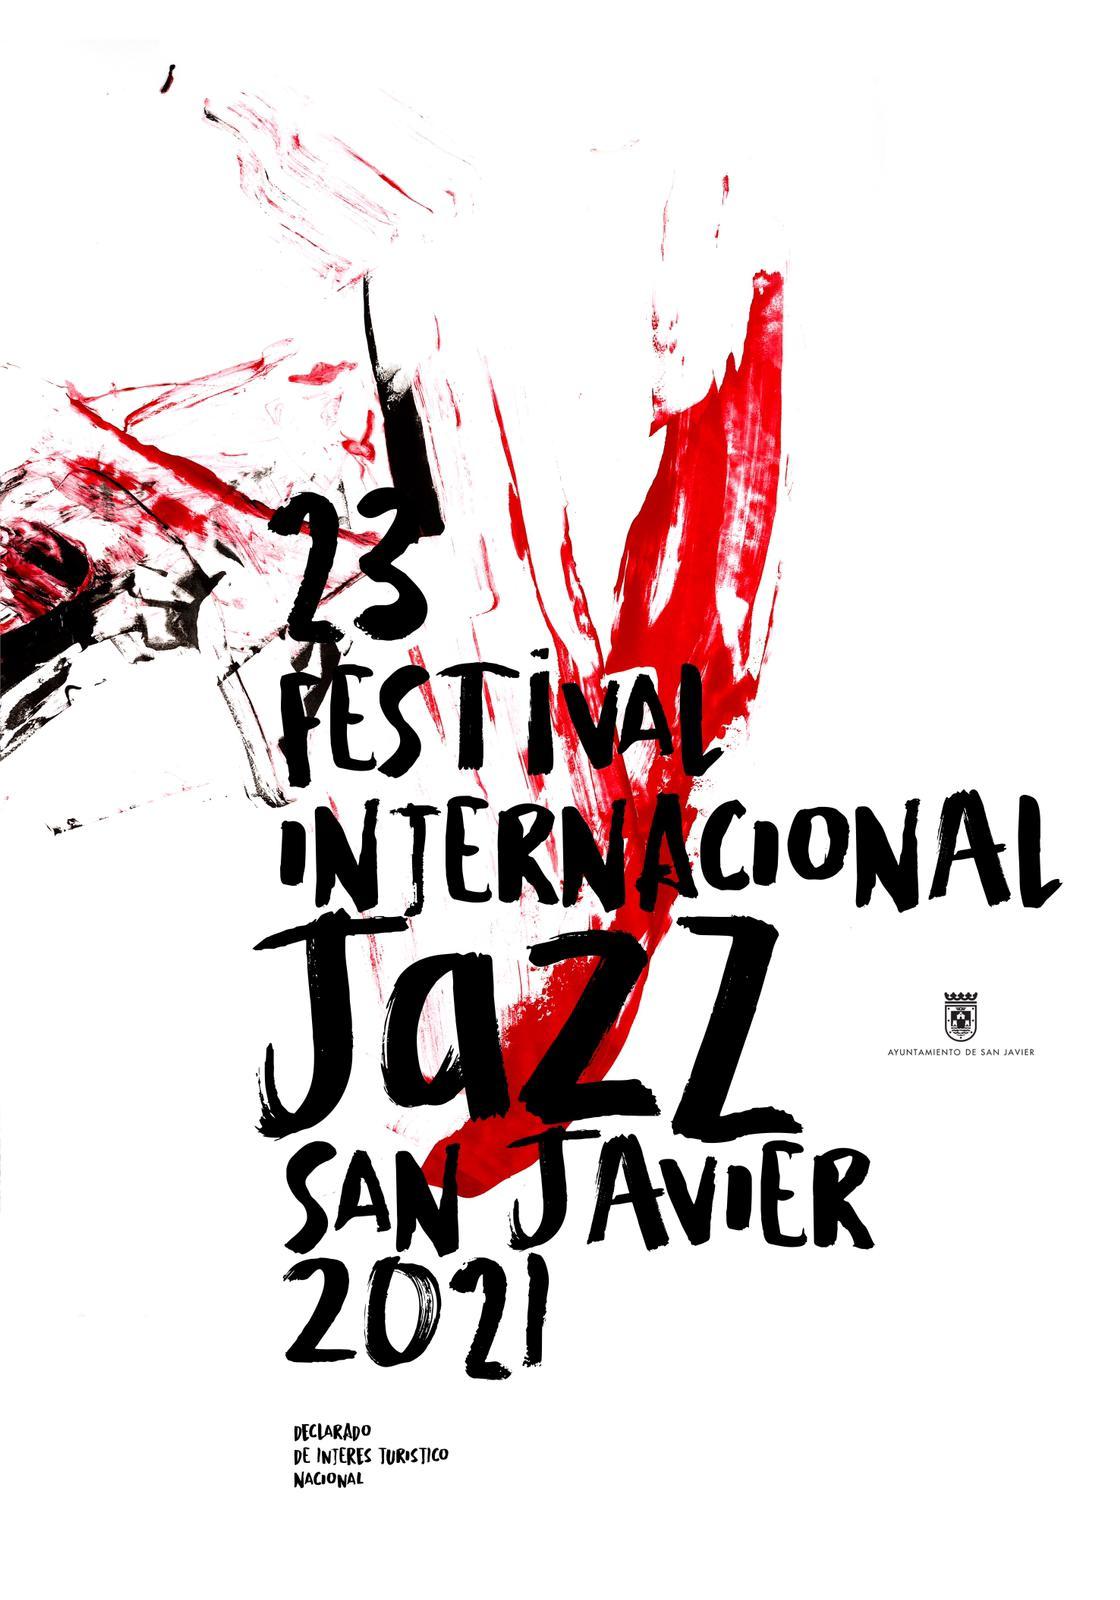 2021 04 22 Festival Internacional de Jazz de San Javier cartel 2021